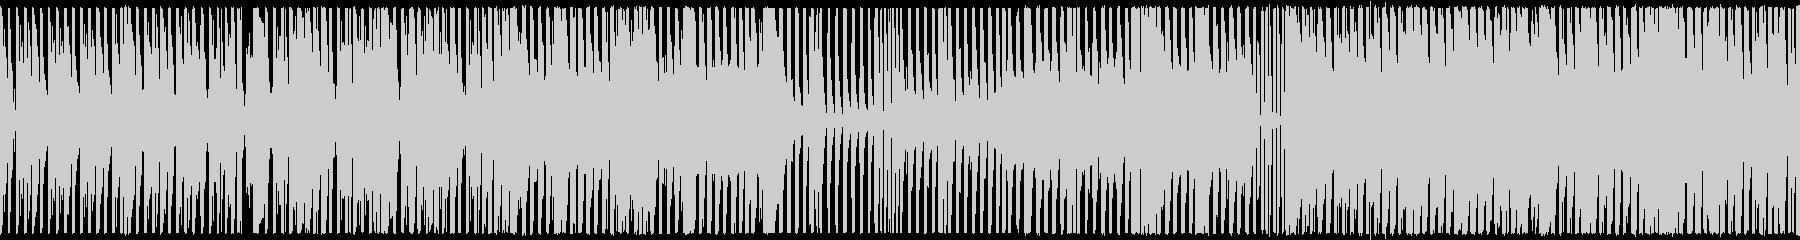 ループ,シリアス,アブノーマルBGMの未再生の波形